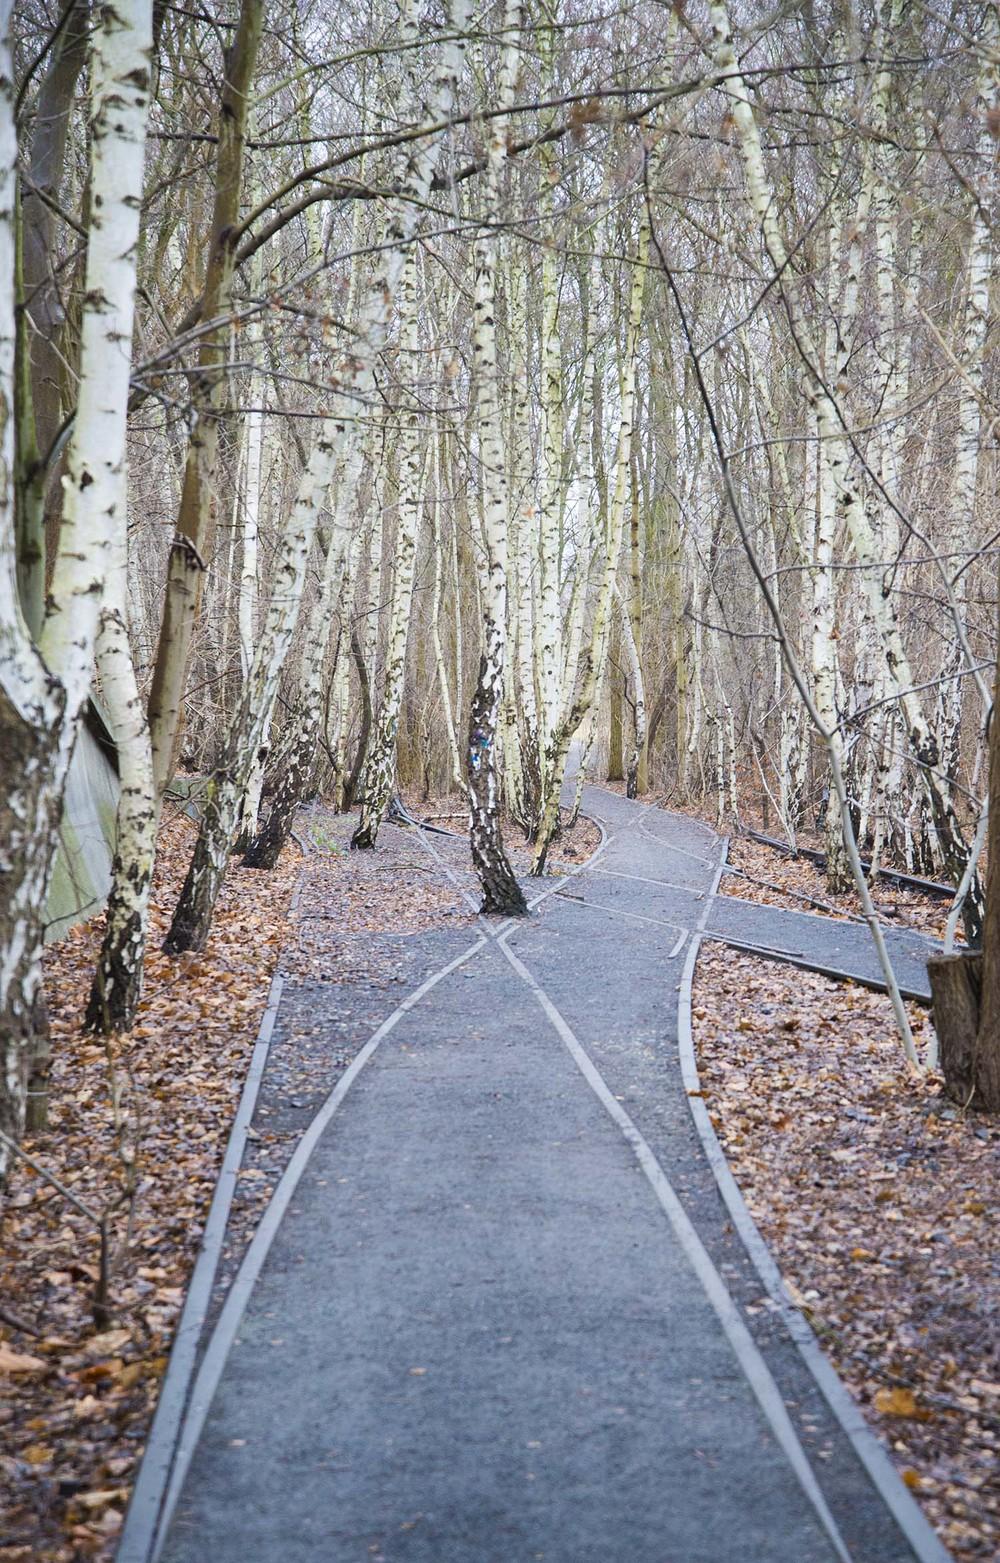 Natur-Park Schöneberger Südgelände, Grün Berlin GmbH & Allianz Environmental Foundation, 199 - 2009, Berlin